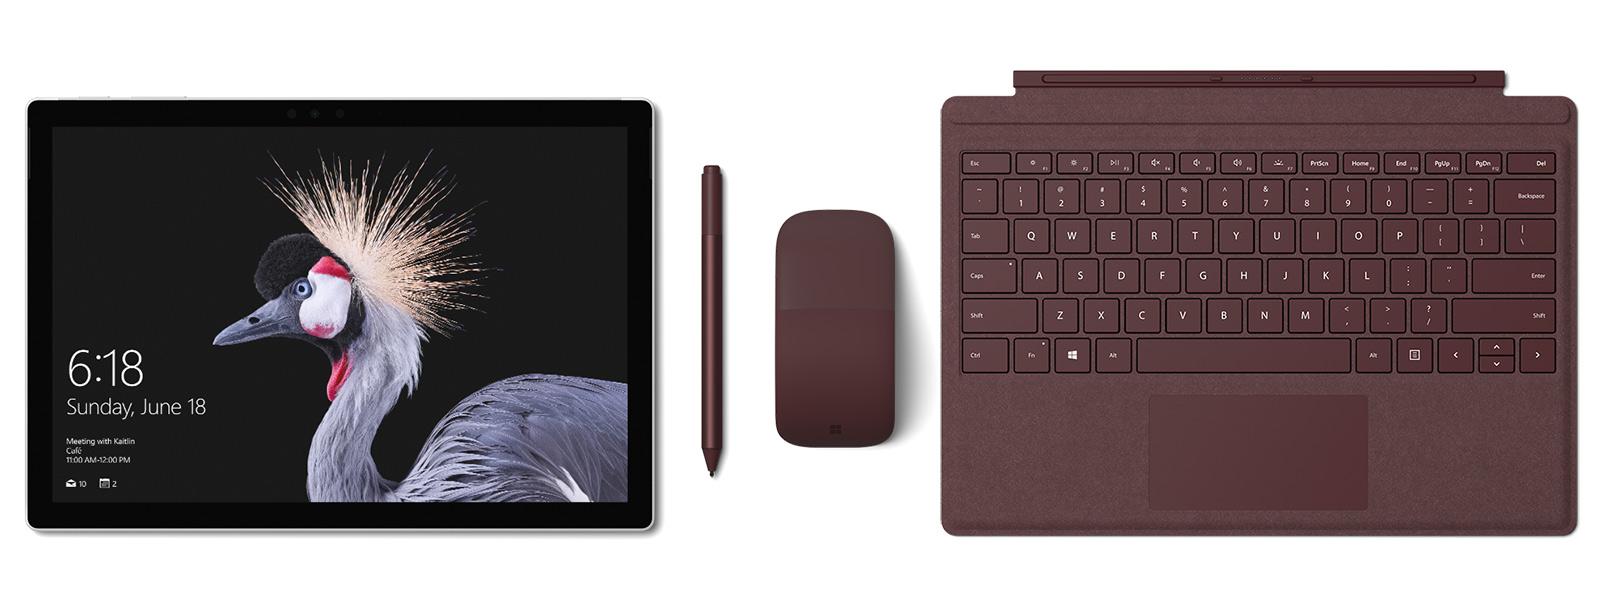 带深酒红 Surface Pro 特制版专业键盘盖、Surface 触控笔和 Surface Arc Mouse的 Surface Pro 的图像。Surface 触控笔陪伴左右。